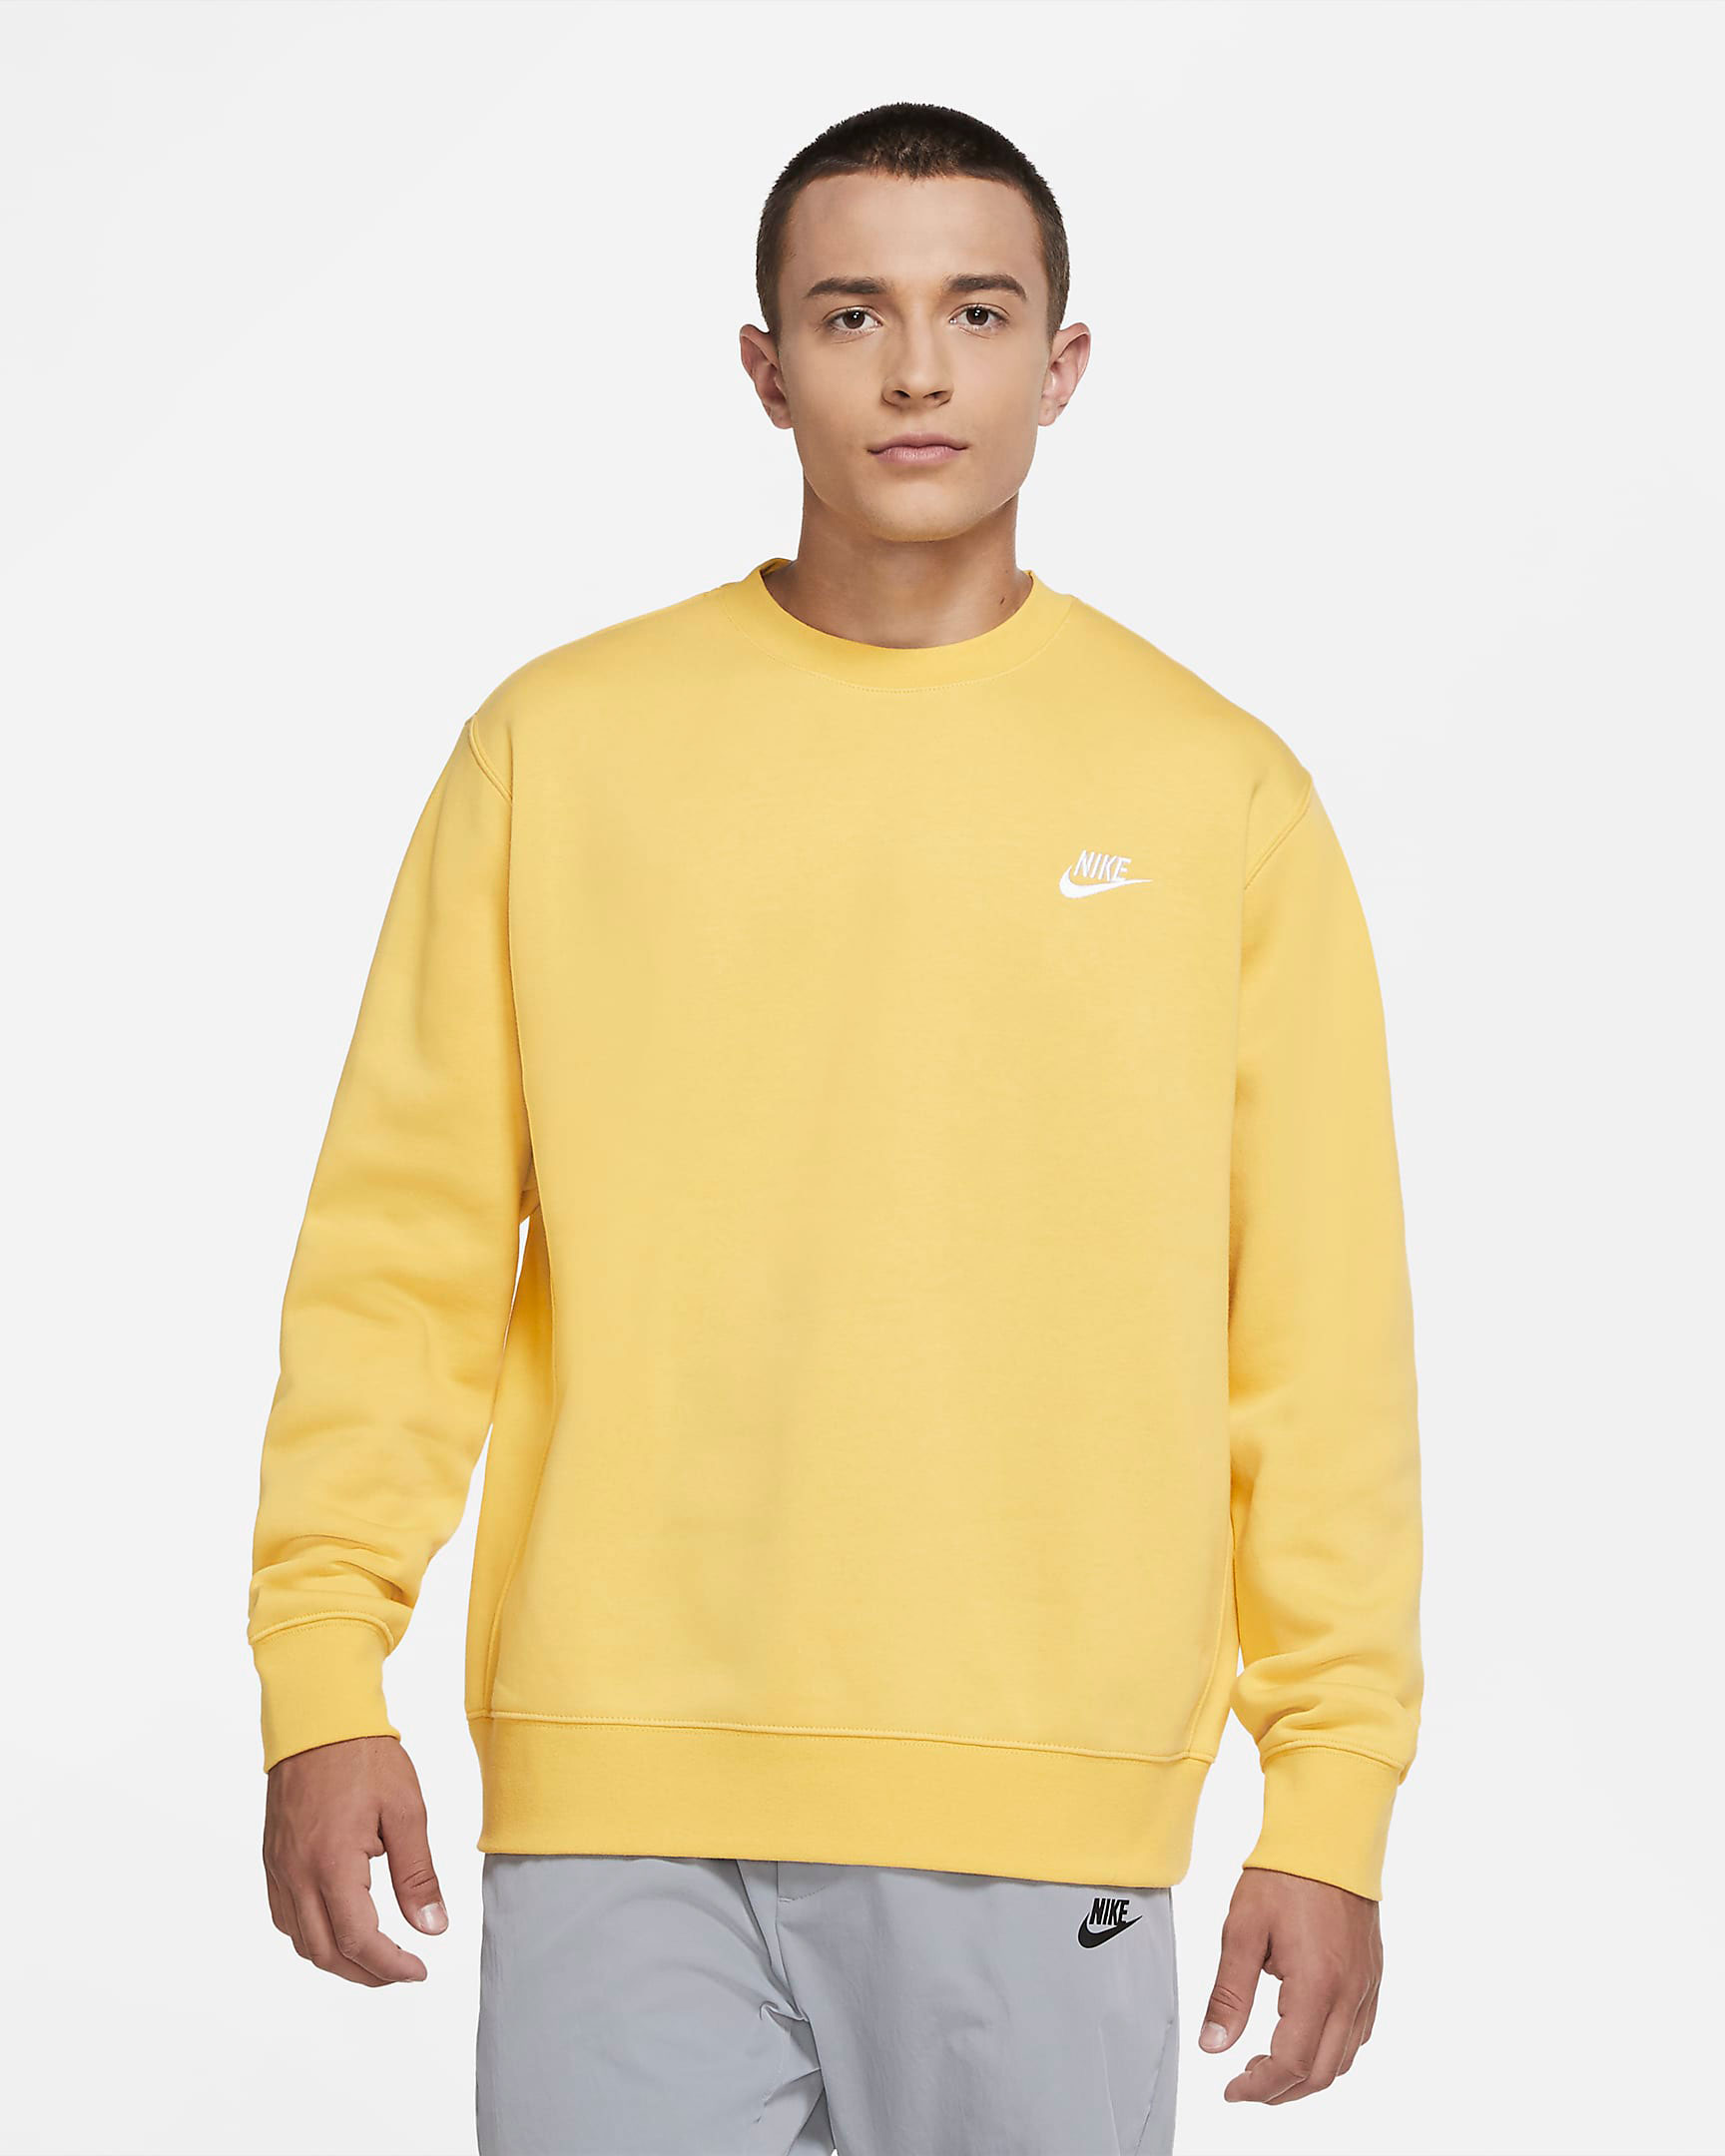 nike-air-max-1-lemonade-yellow-club-sweatshirt